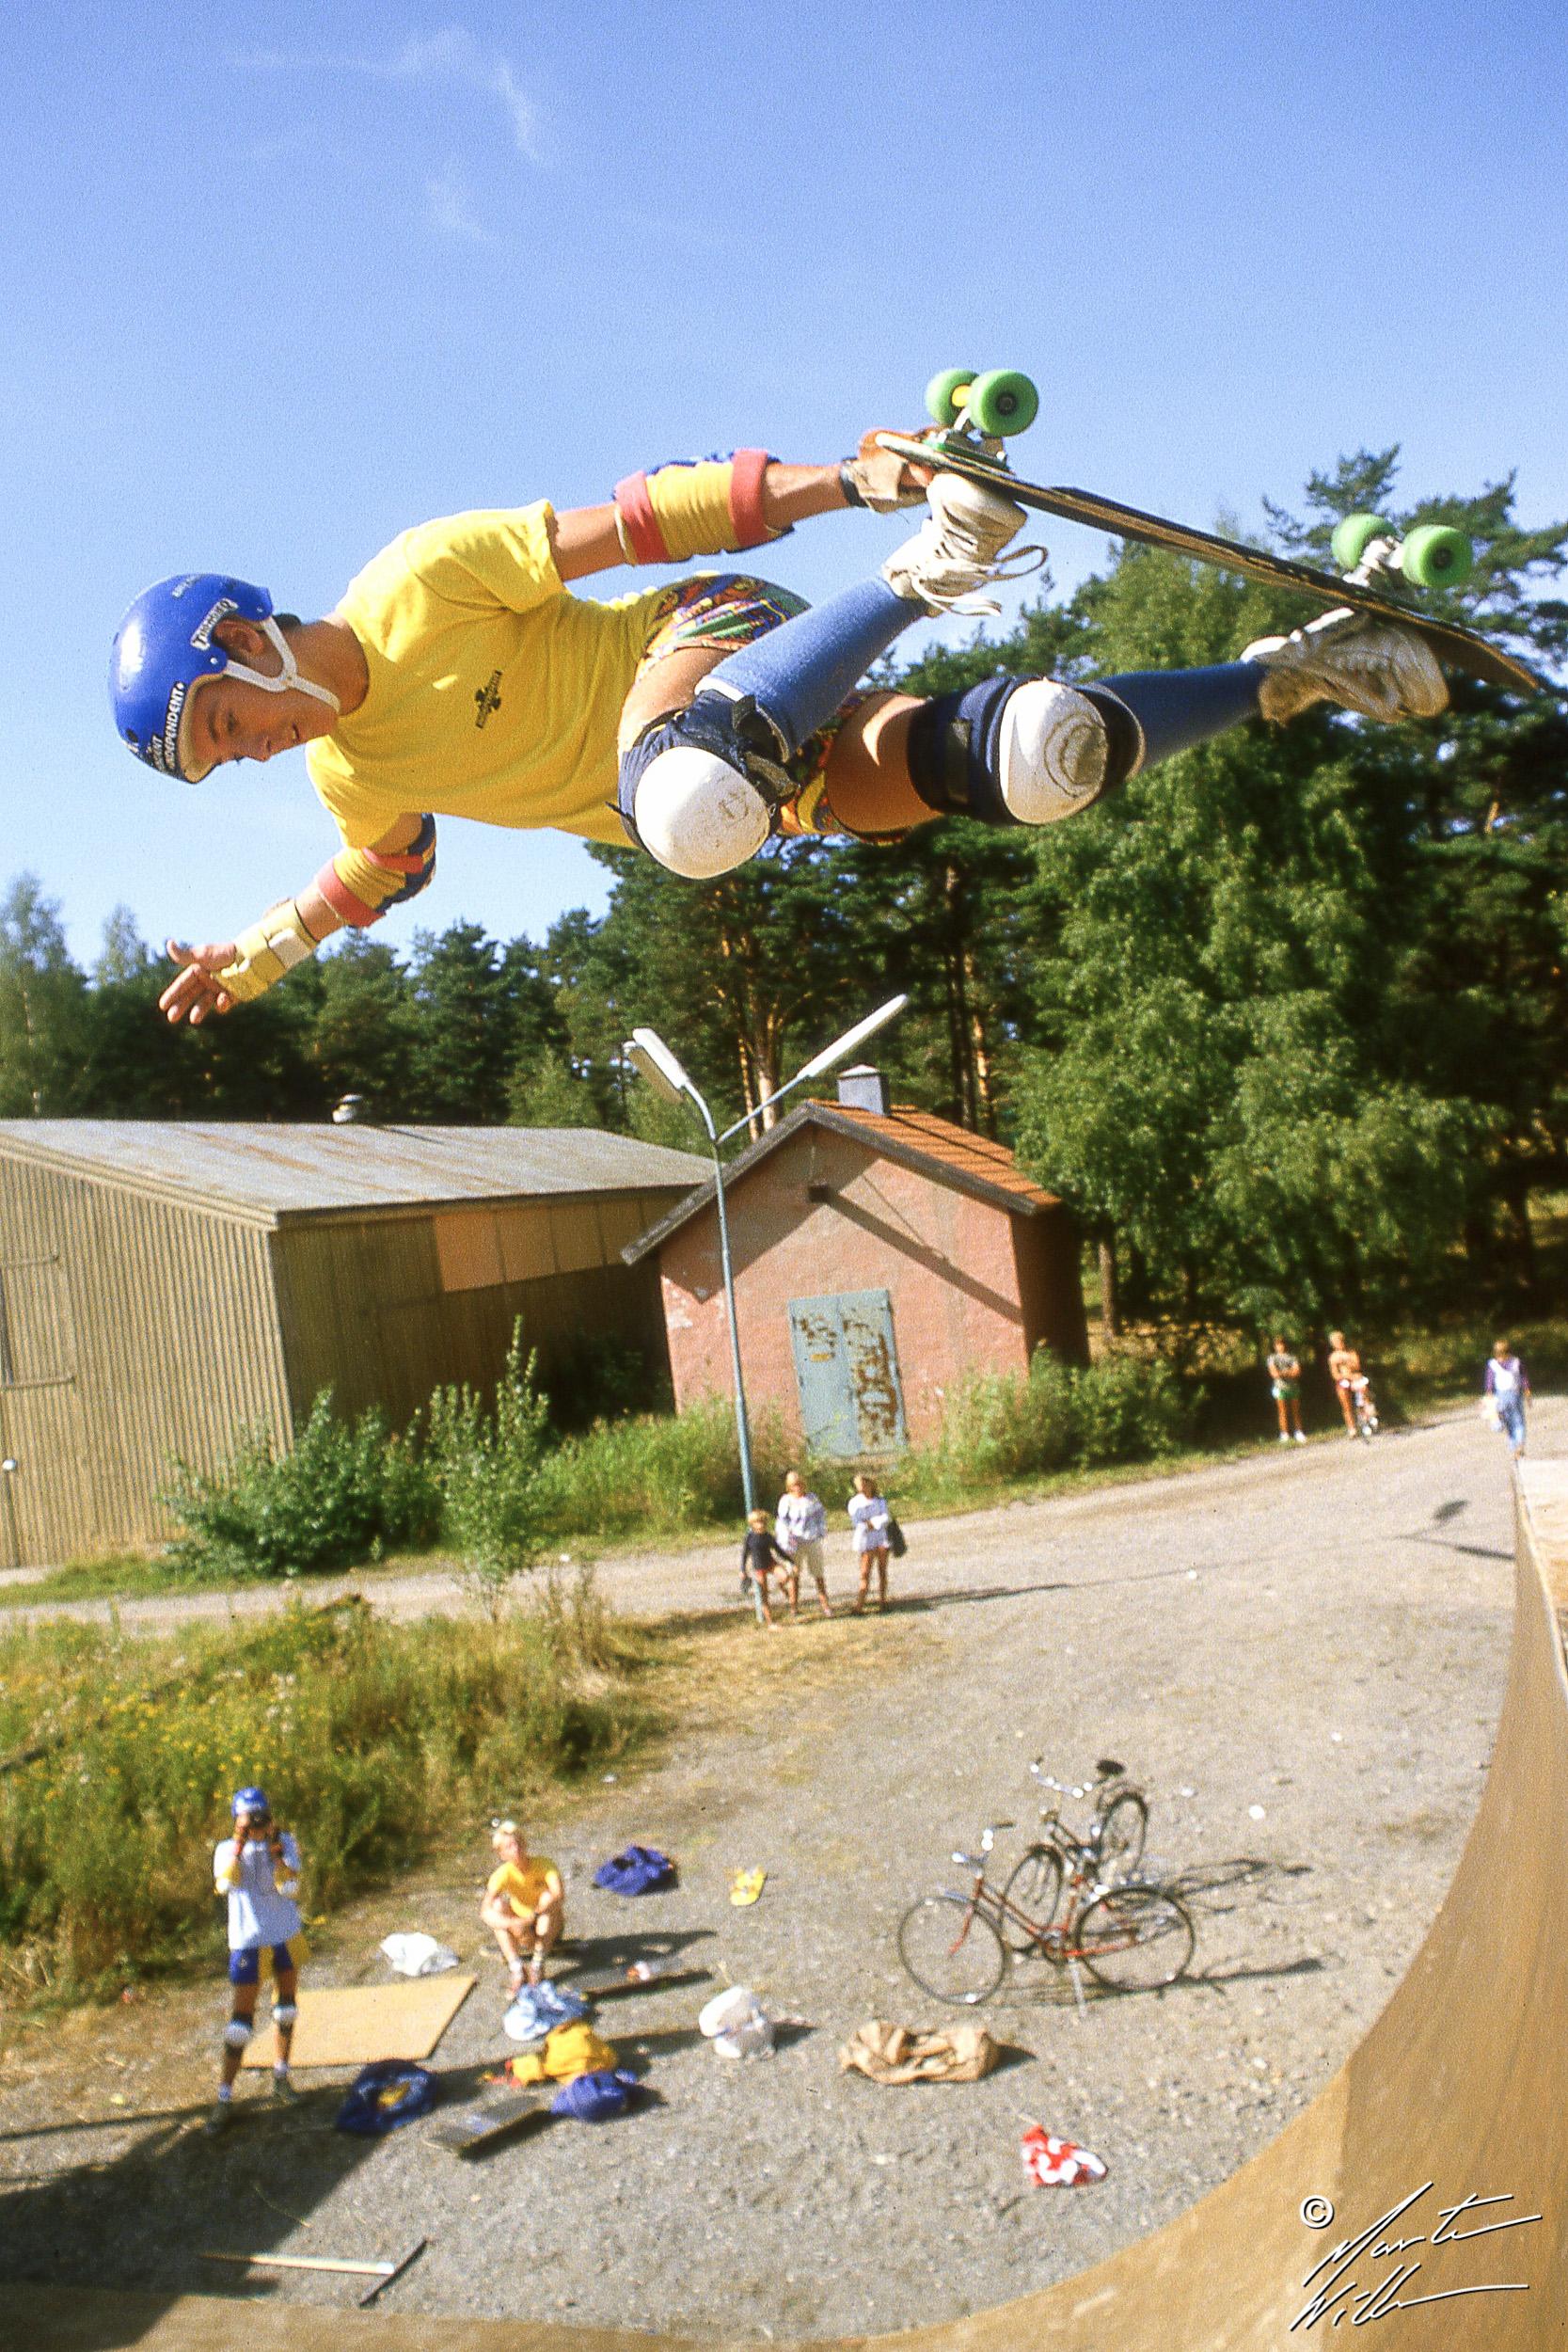 Billy Ruff, Backside air, Summer Camp, Täby  1983